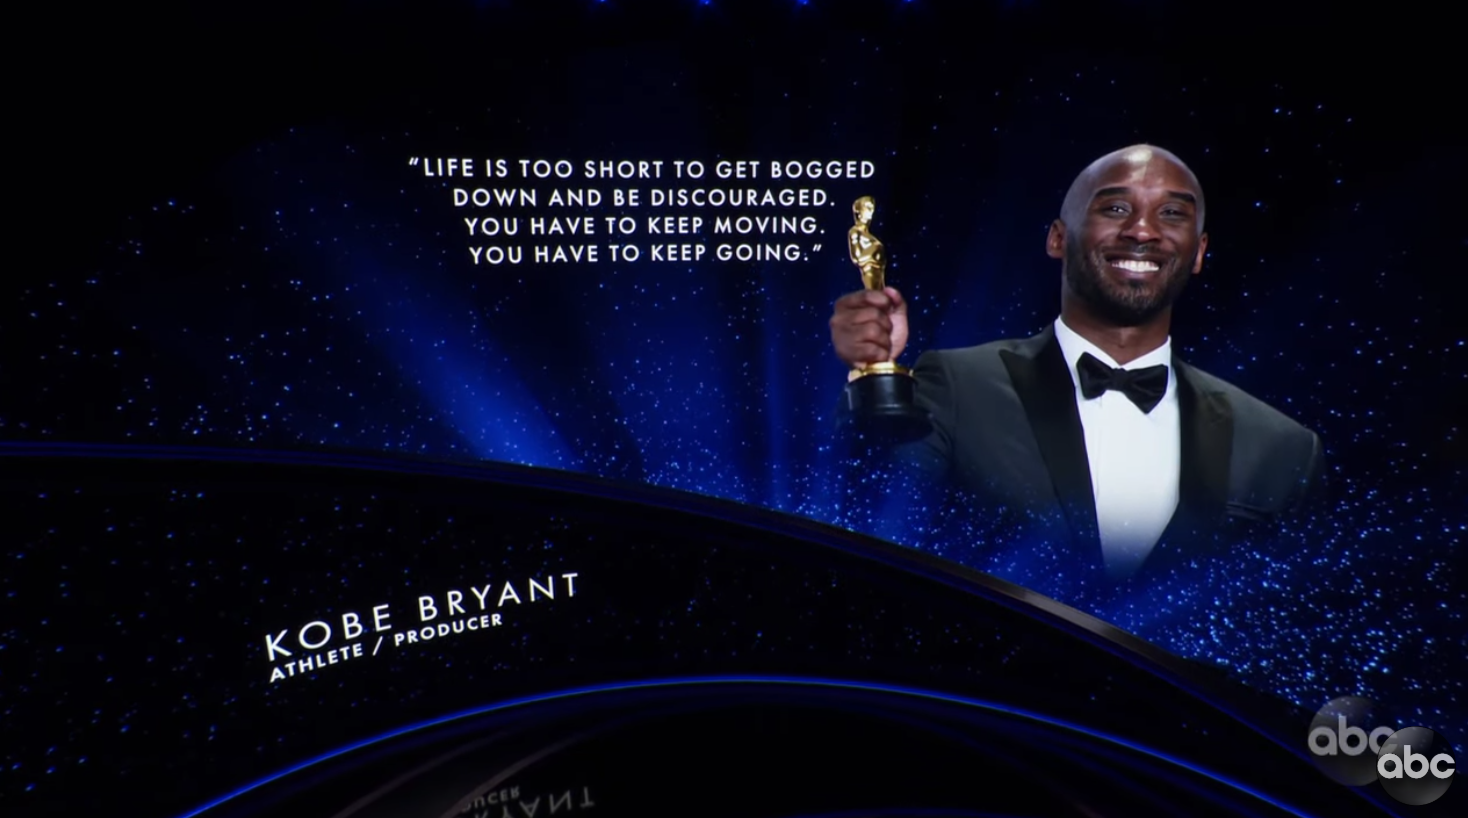 高比拜仁(Kobe Bryant)